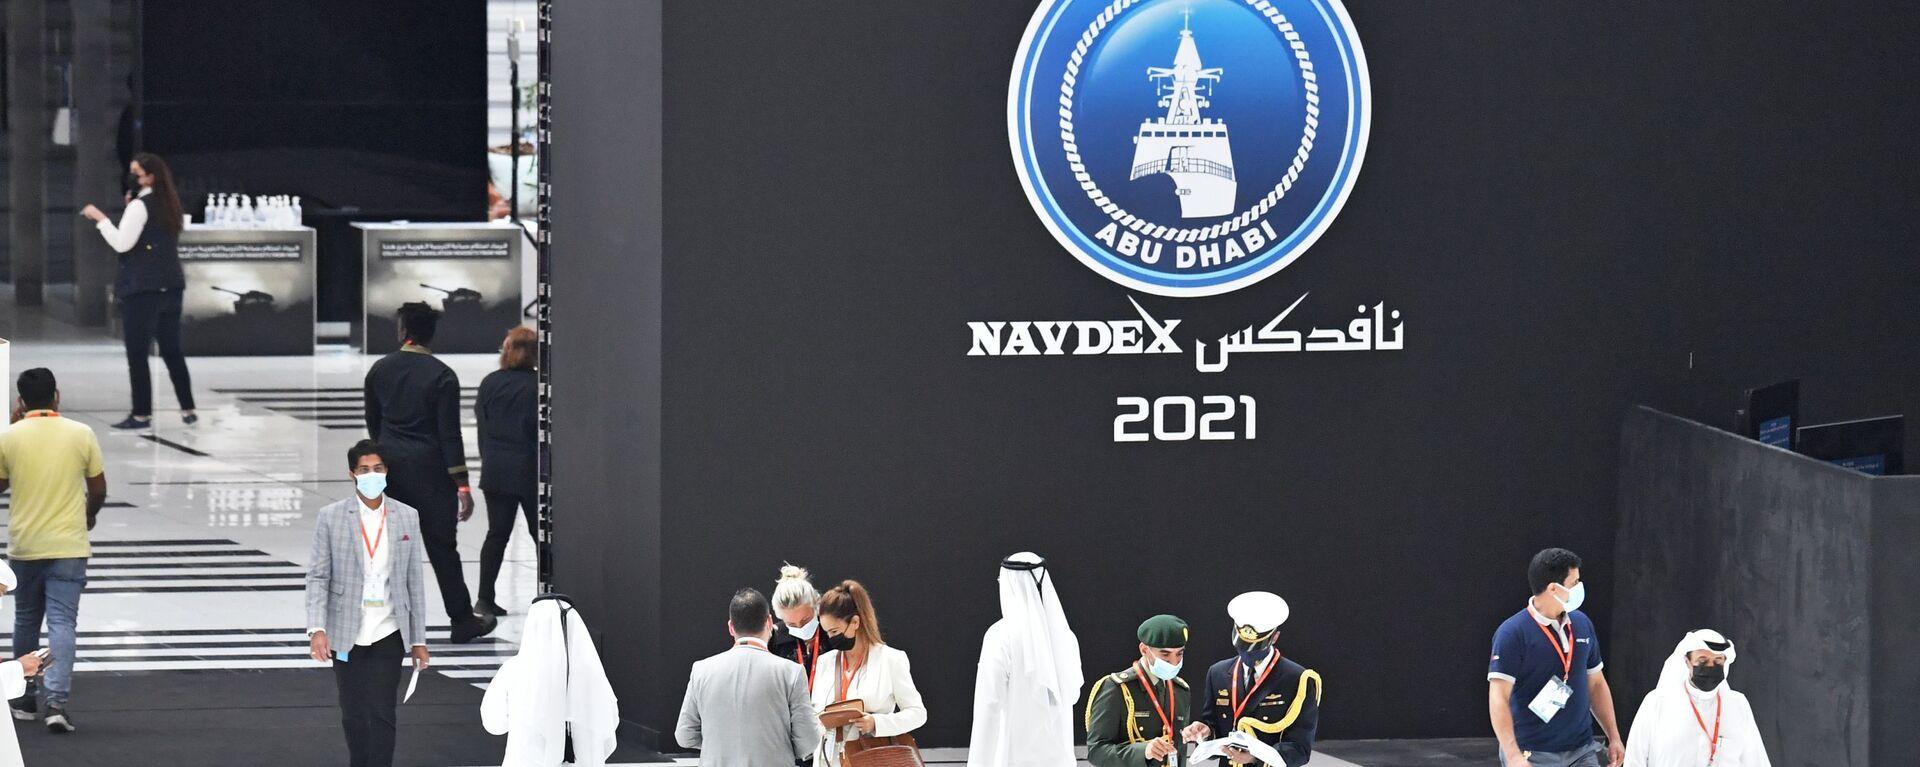 Посетители выставки оборонной промышленности IDEX-2021 в Абу-Даби - Sputnik Italia, 1920, 23.02.2021